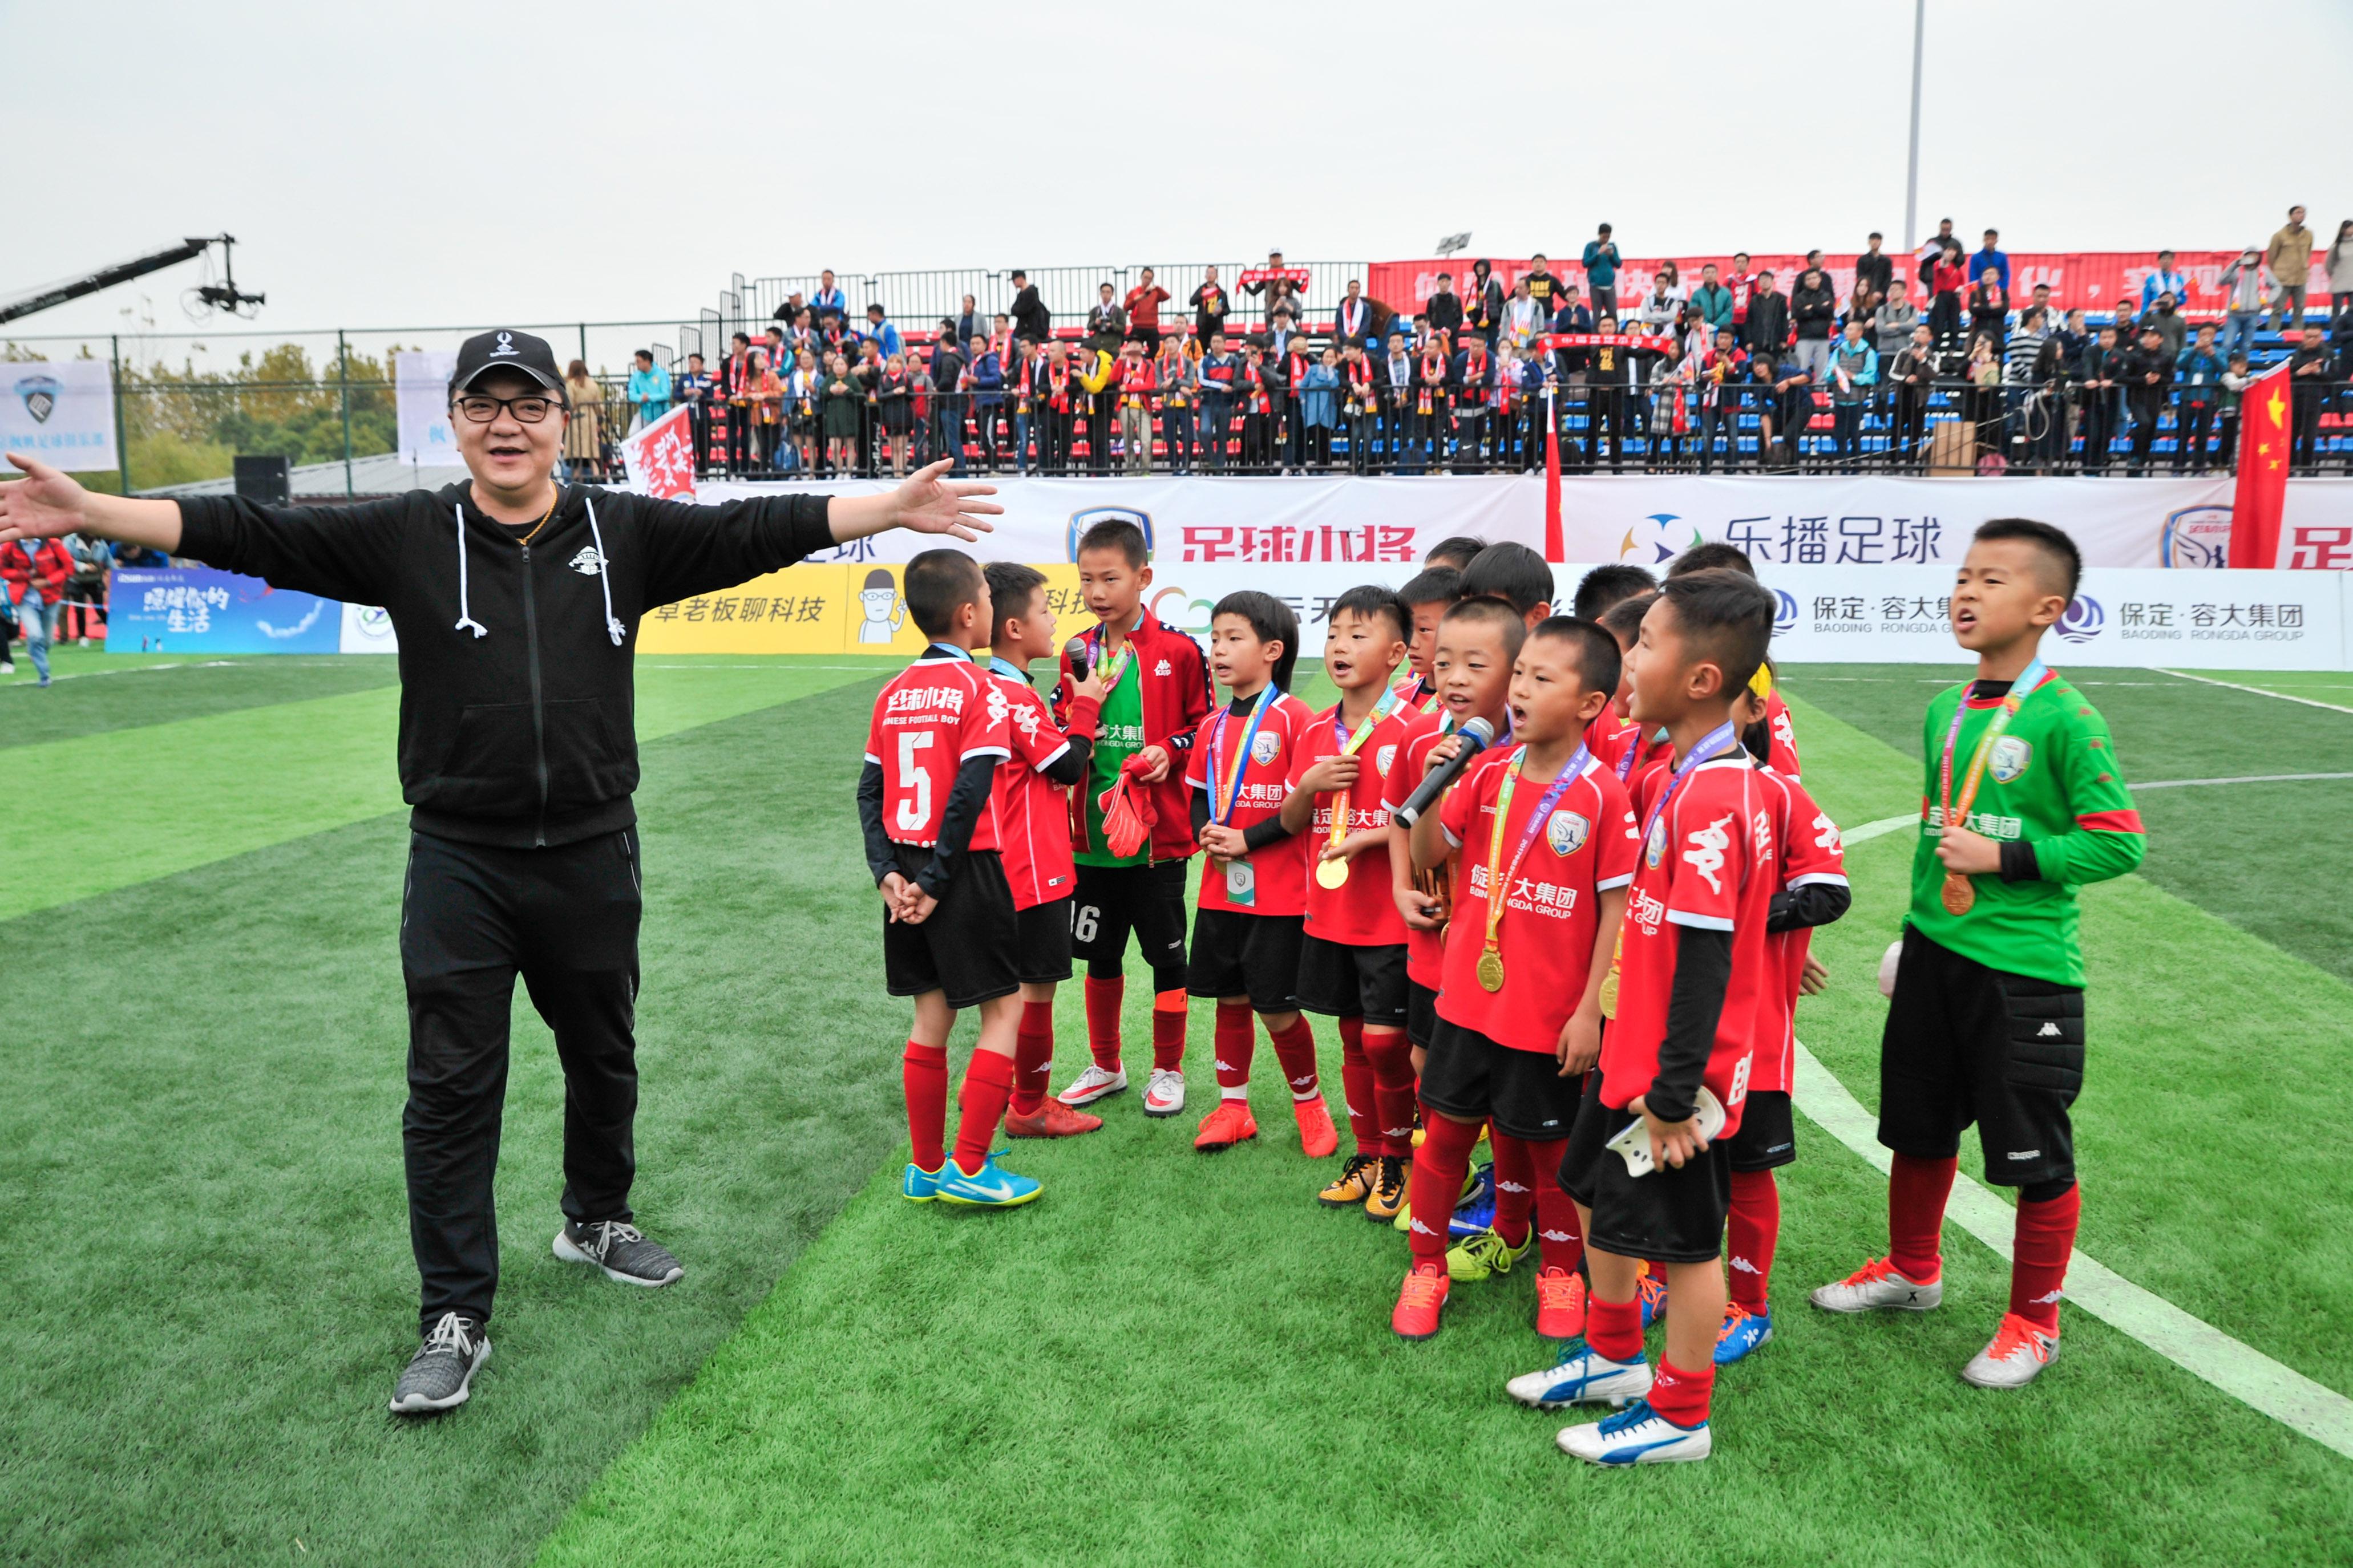 董路:关于中国足球小将真正的愿景到底是什么?